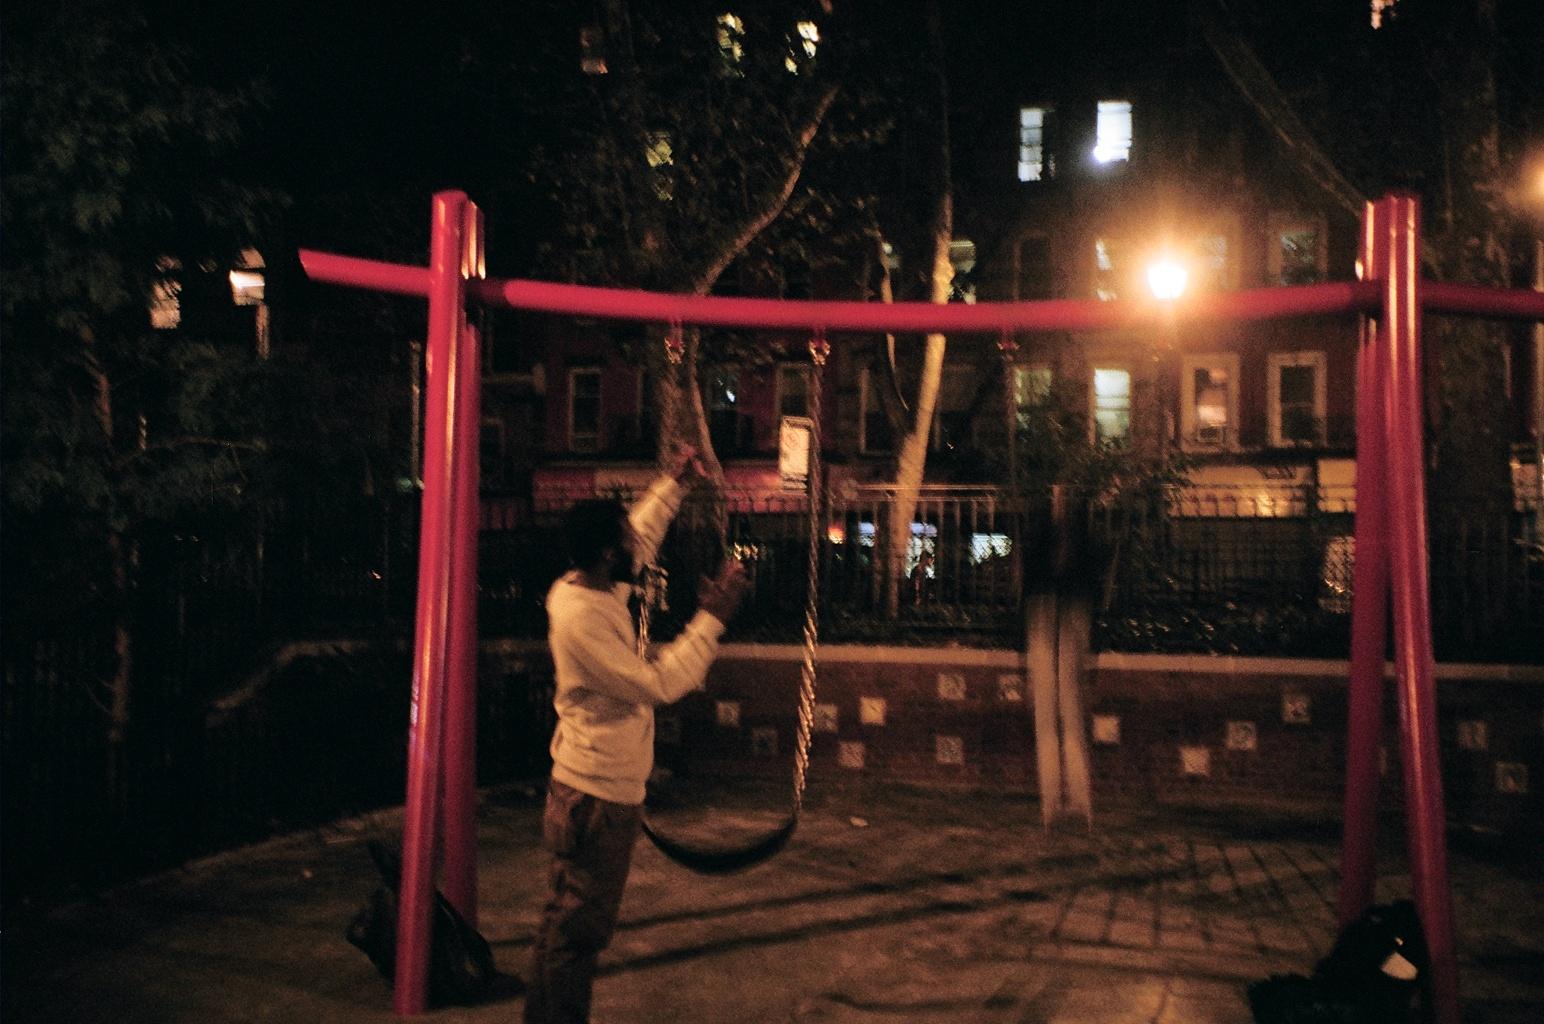 Chinatown Night, 2014